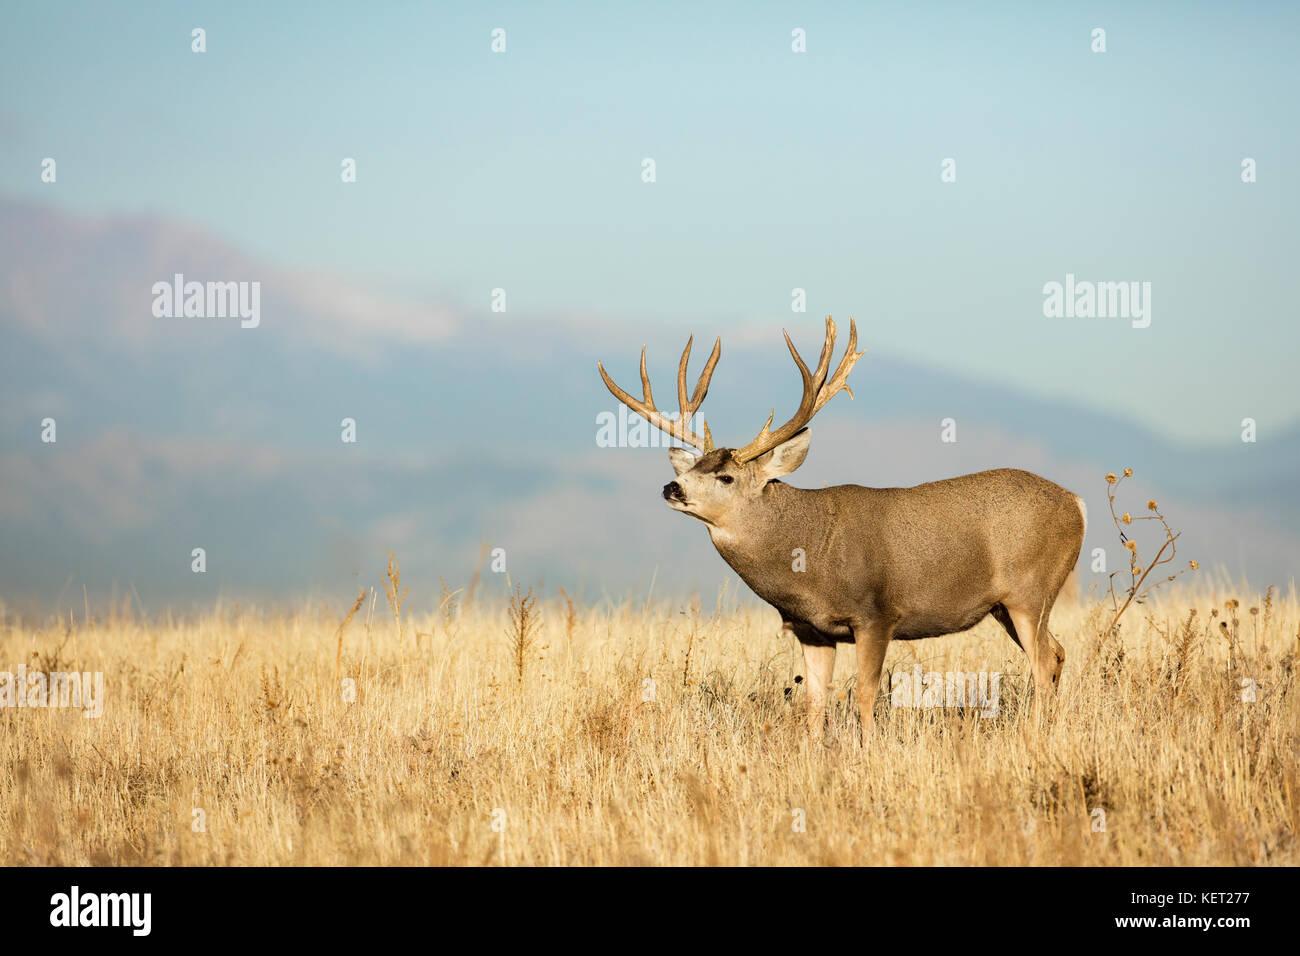 Mule deer - Stock Image